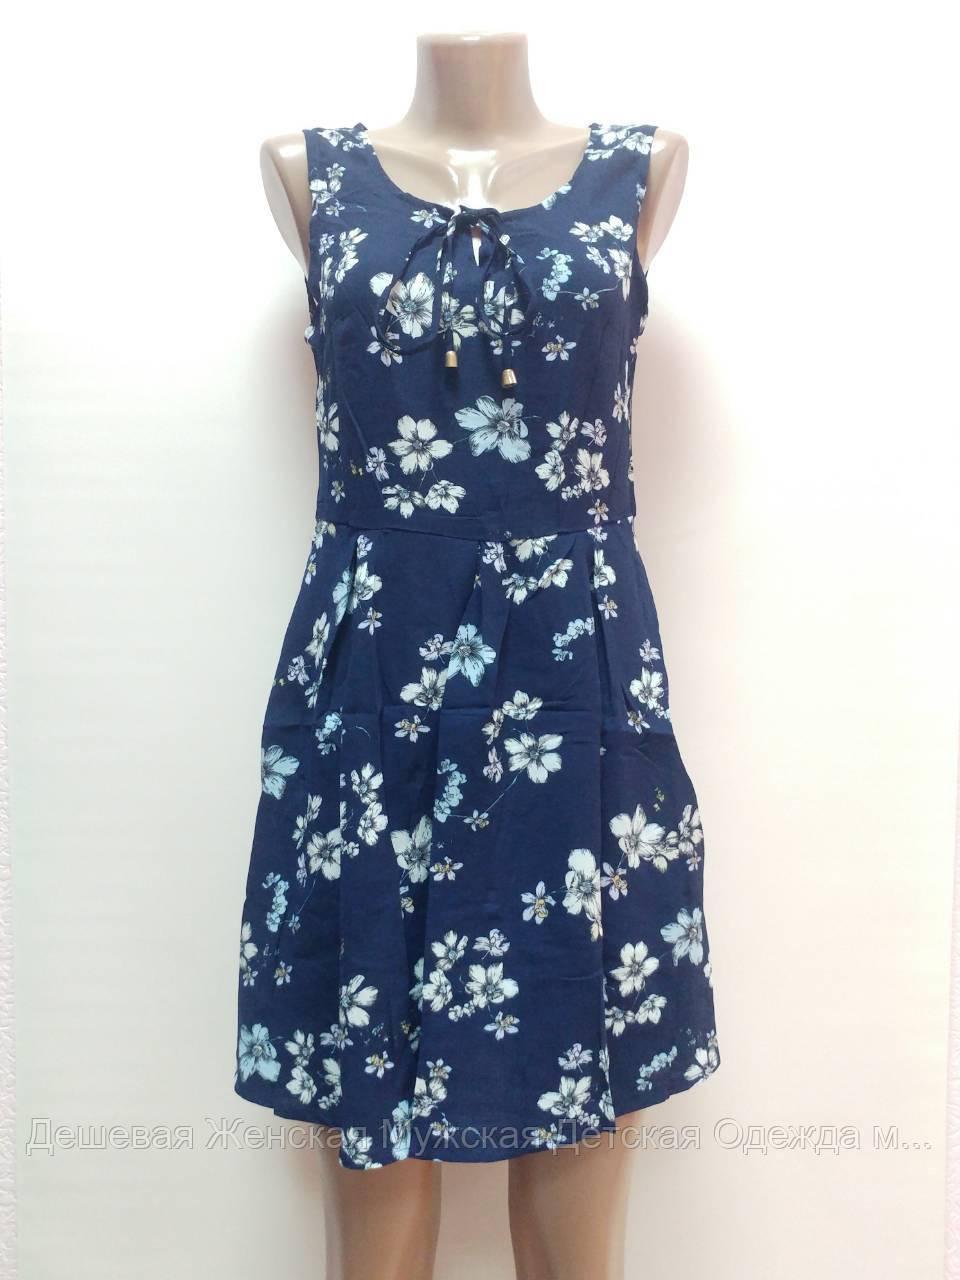 Платье женское. В ростовке 10 шт. Размеры S,M,L.